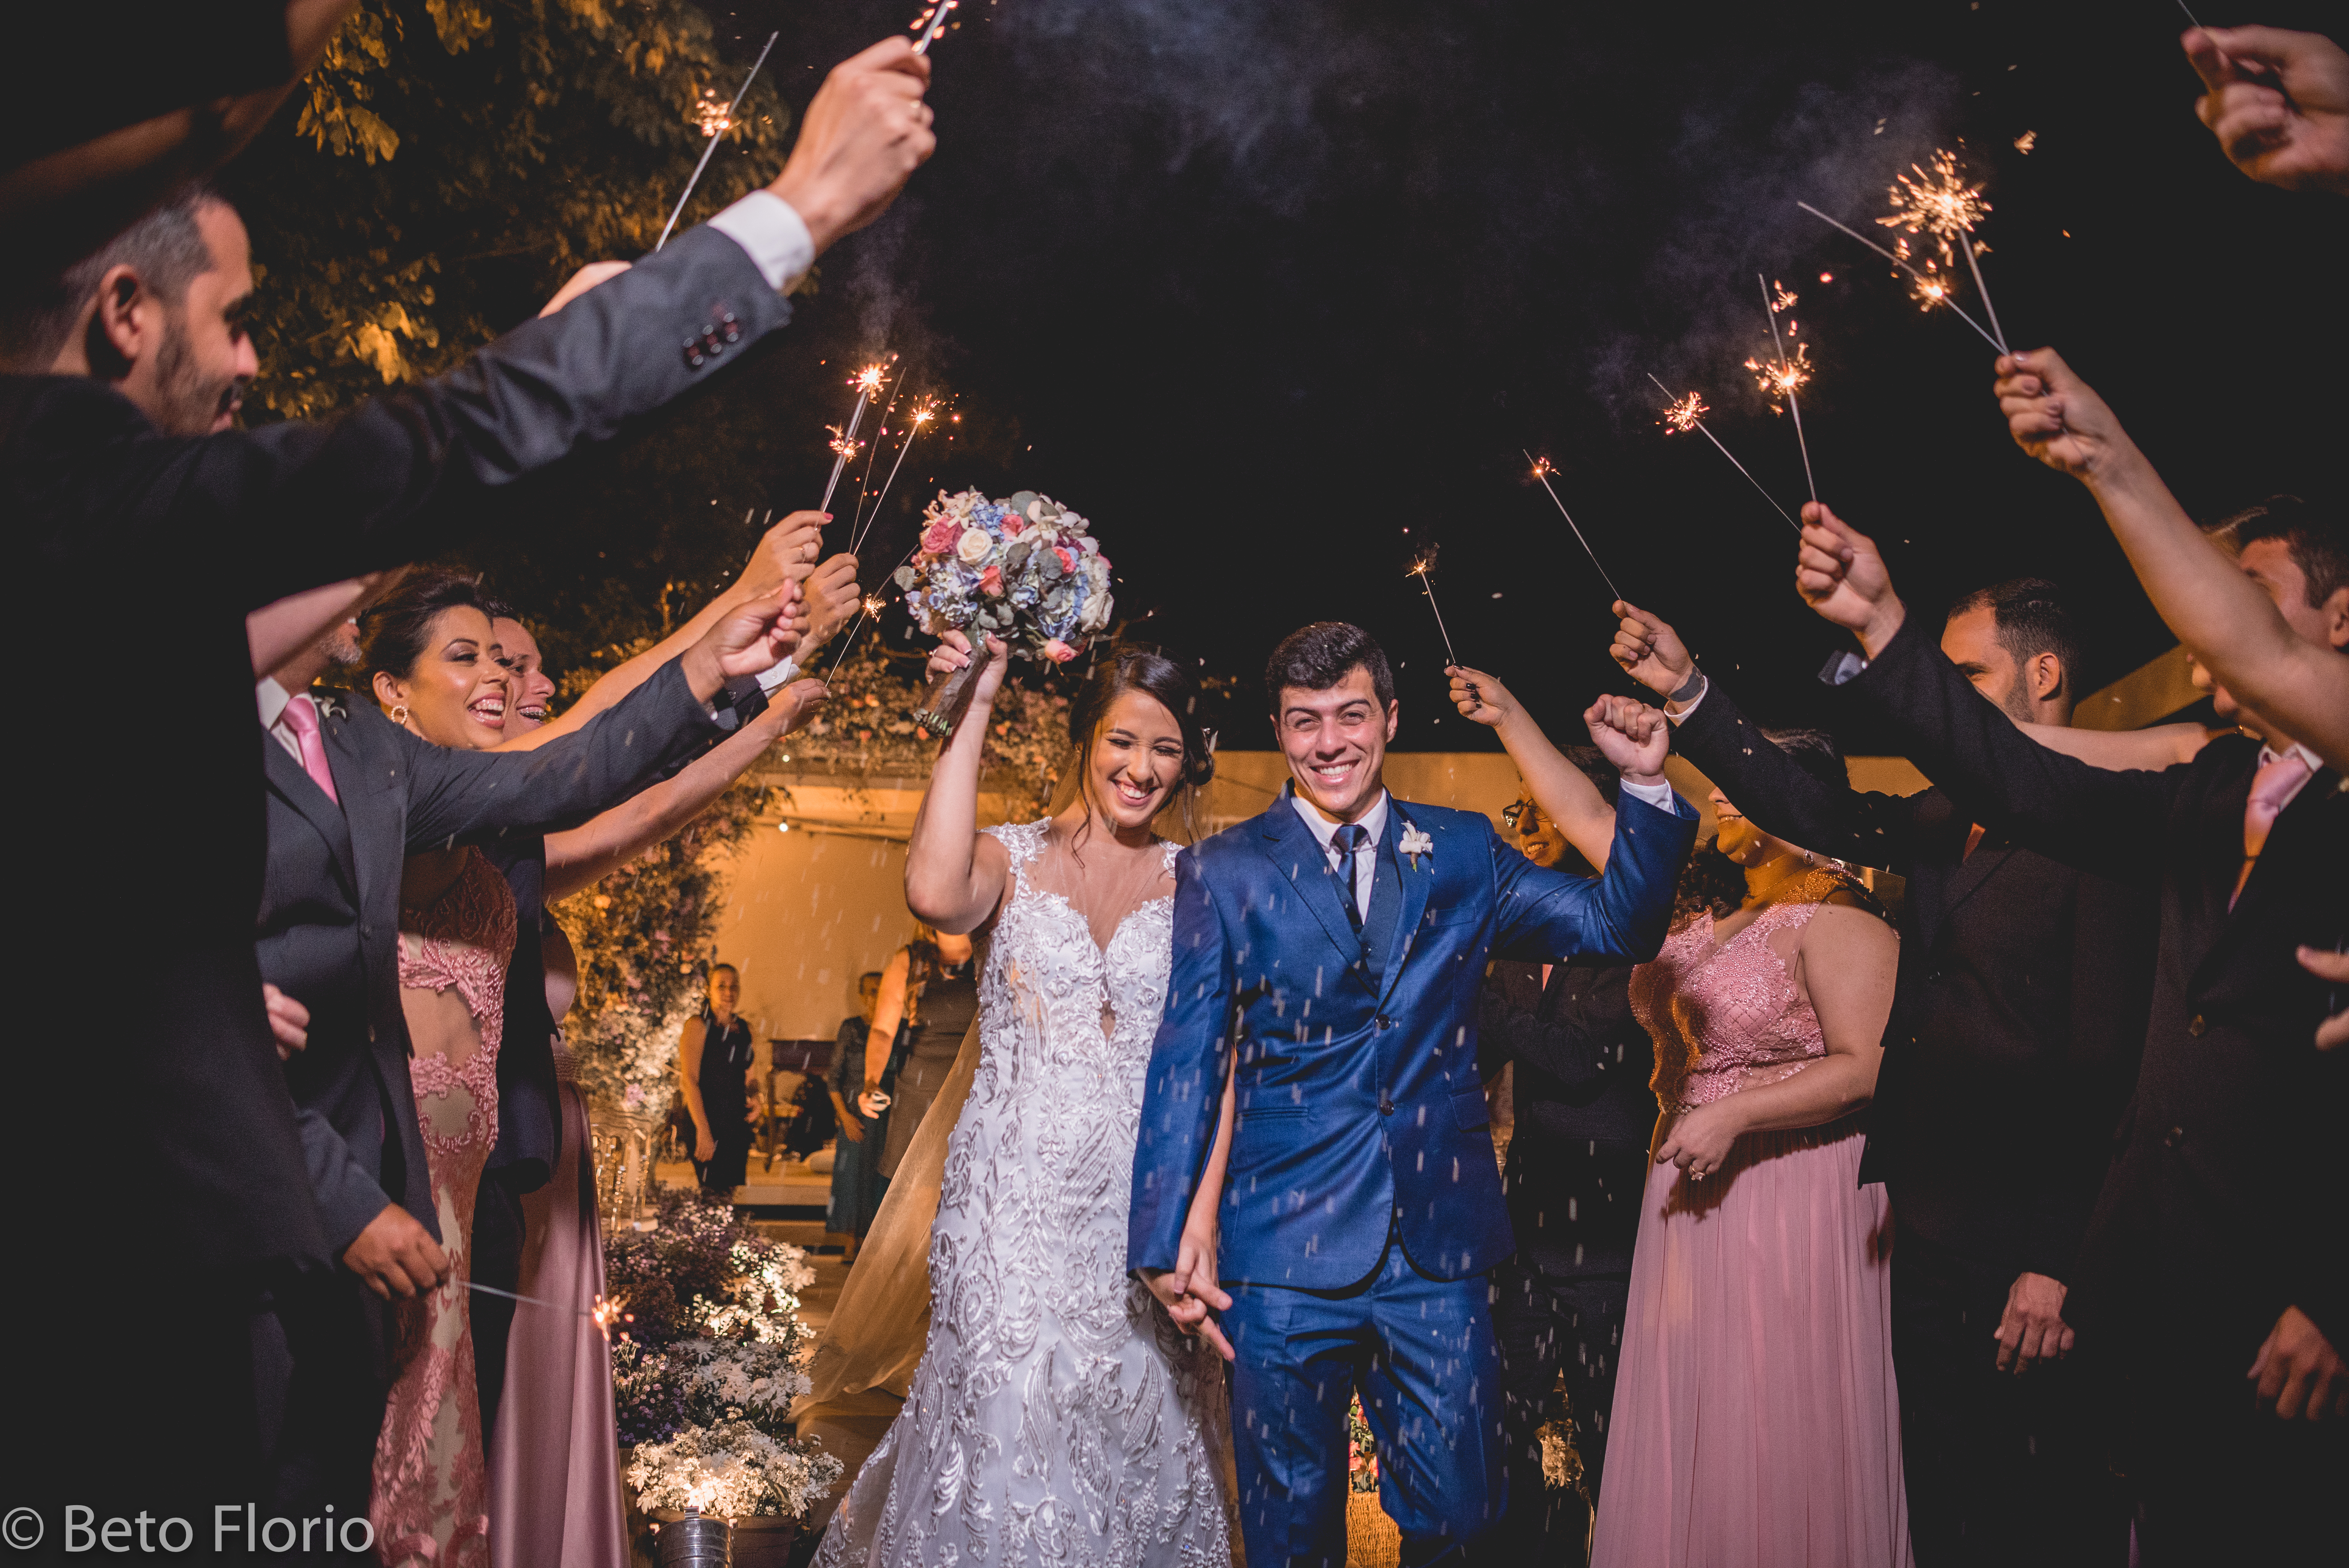 Contate Fotografo de casamento Beto Florio